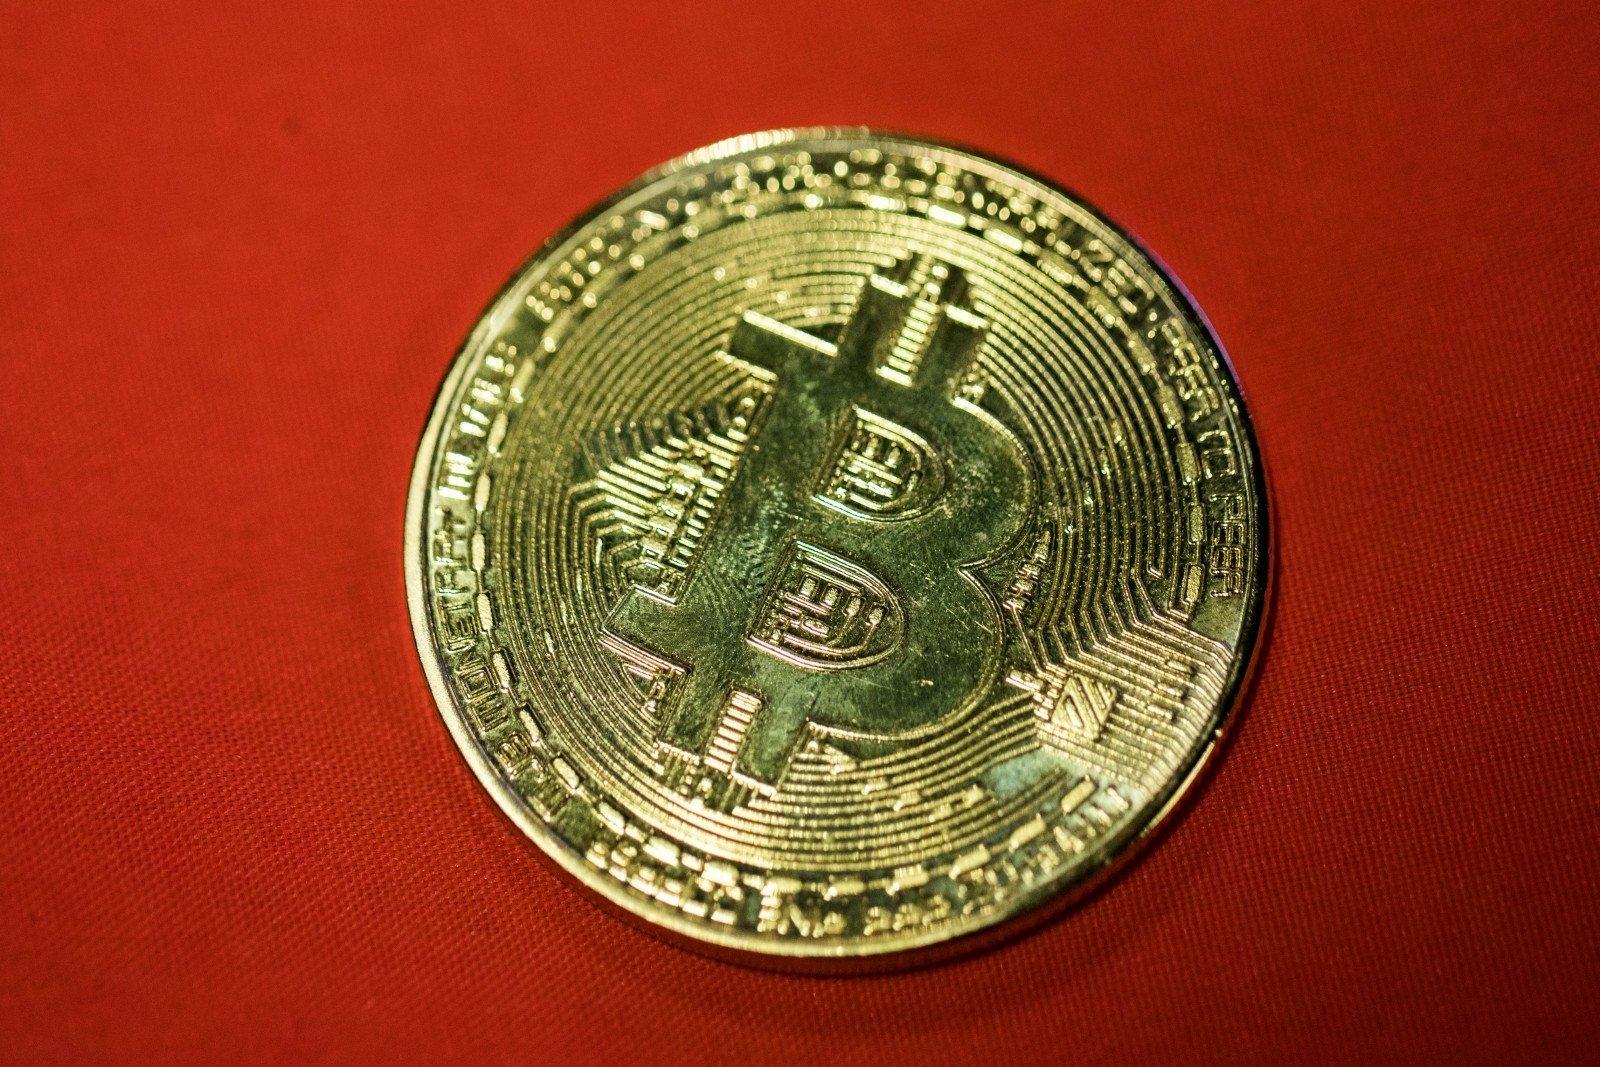 dvejetainės prekybos strategijos kurias naudojate bitcoin prekybininkai lietuva